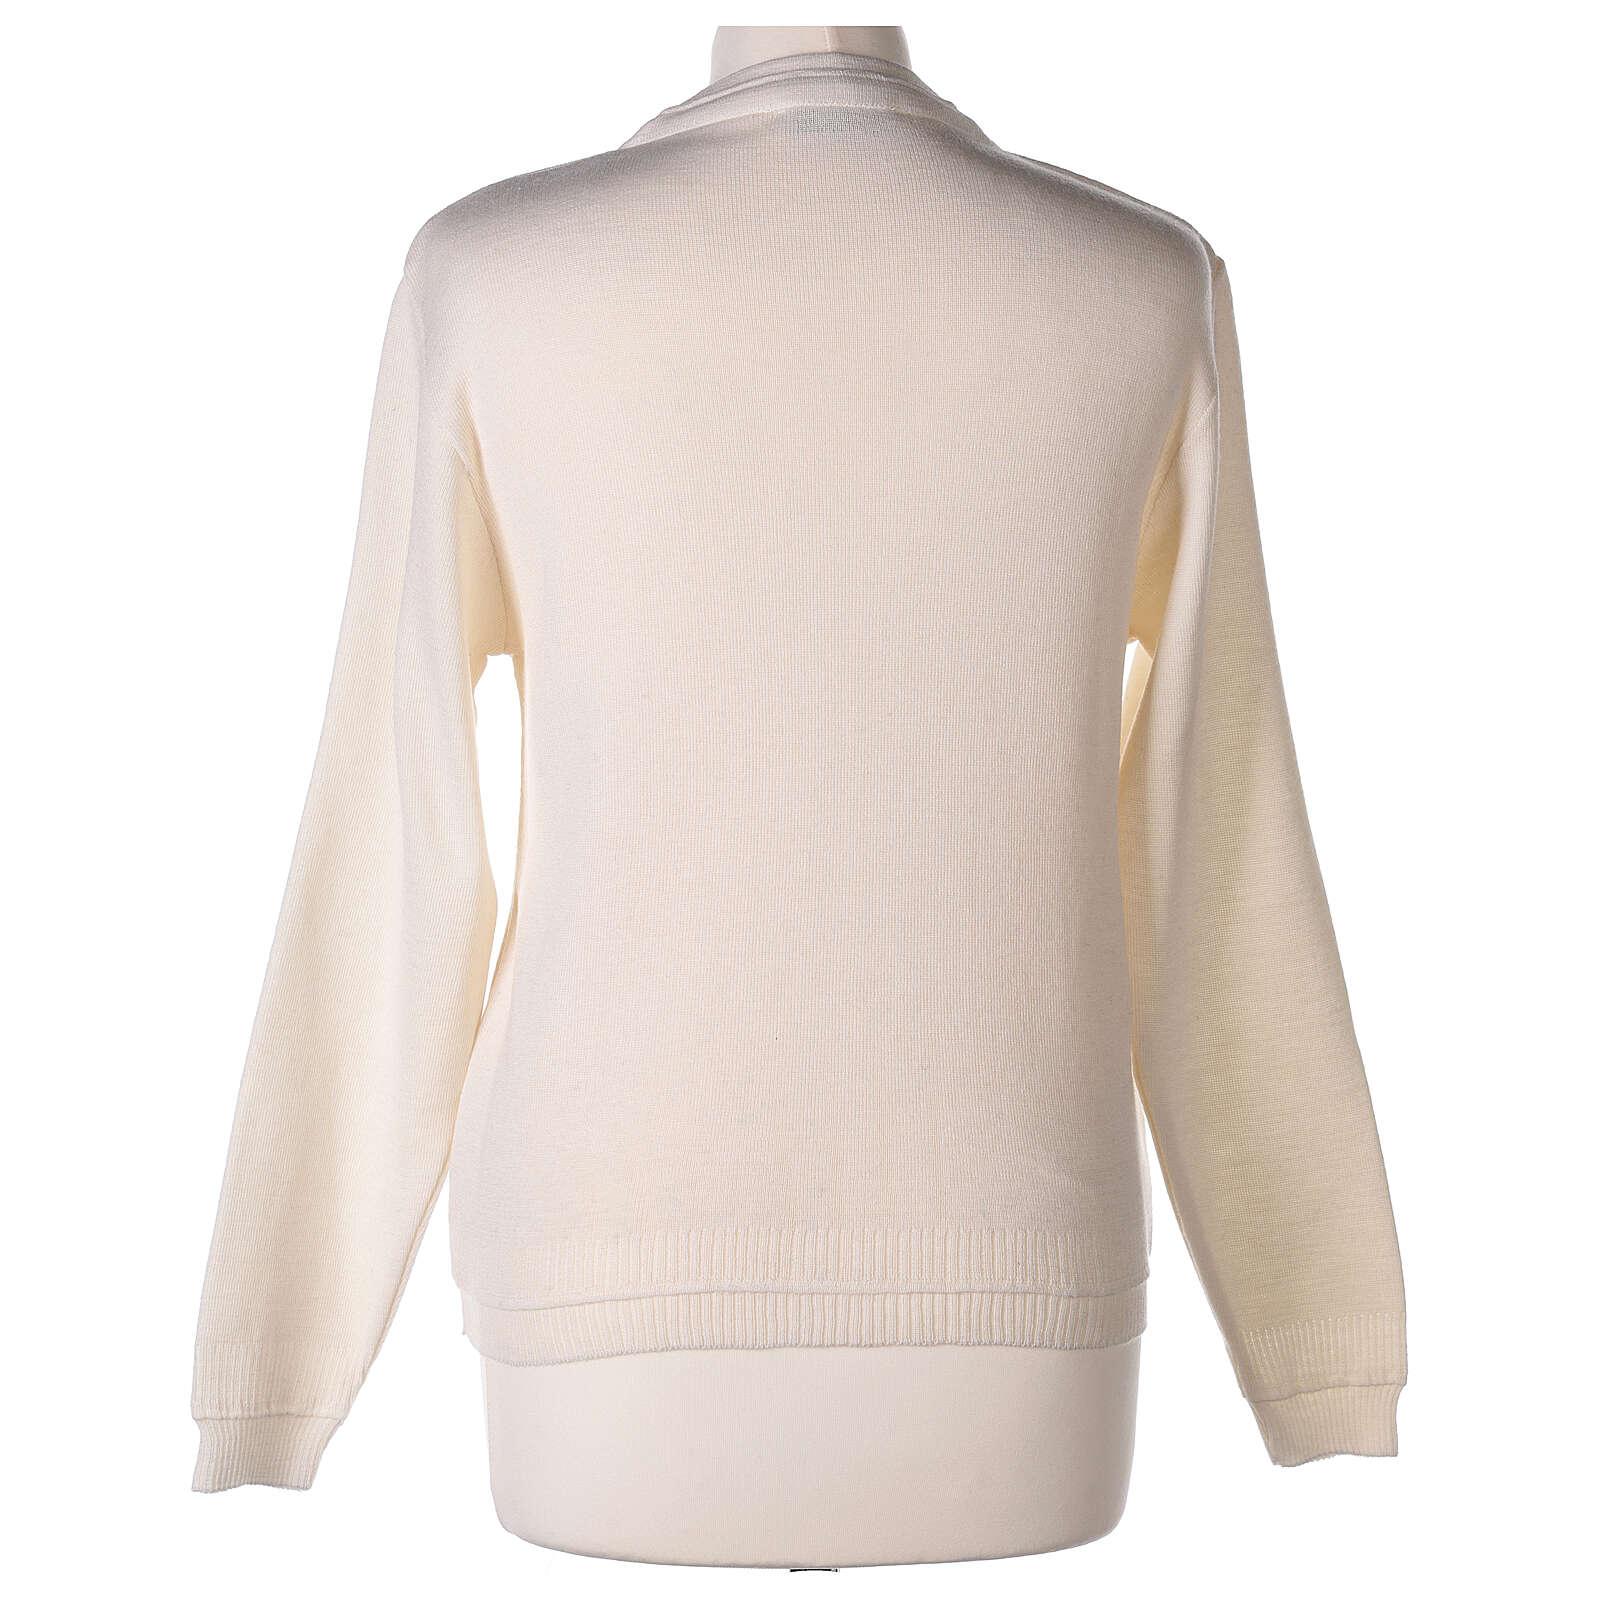 Casaco de malha curto branco decote em V para freira, 50% acrílico e 50% lã de merino, linha